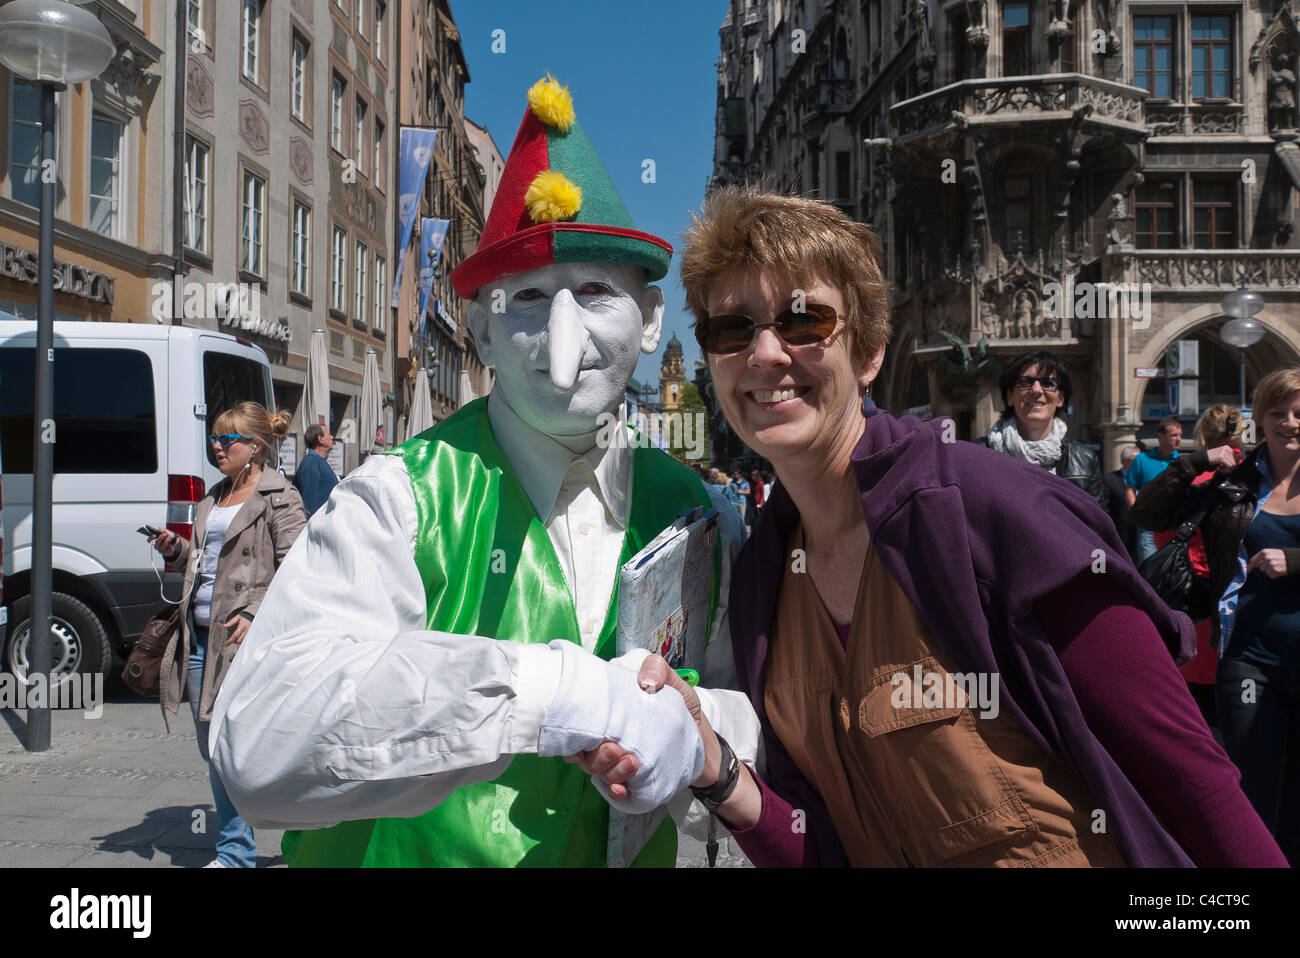 Un esecutore di strada vestiti in abiti da clown con un dipinto di bianco di  viso e lunga tipo Pinocchio naso detiene una donna di mano. b92f03b398e